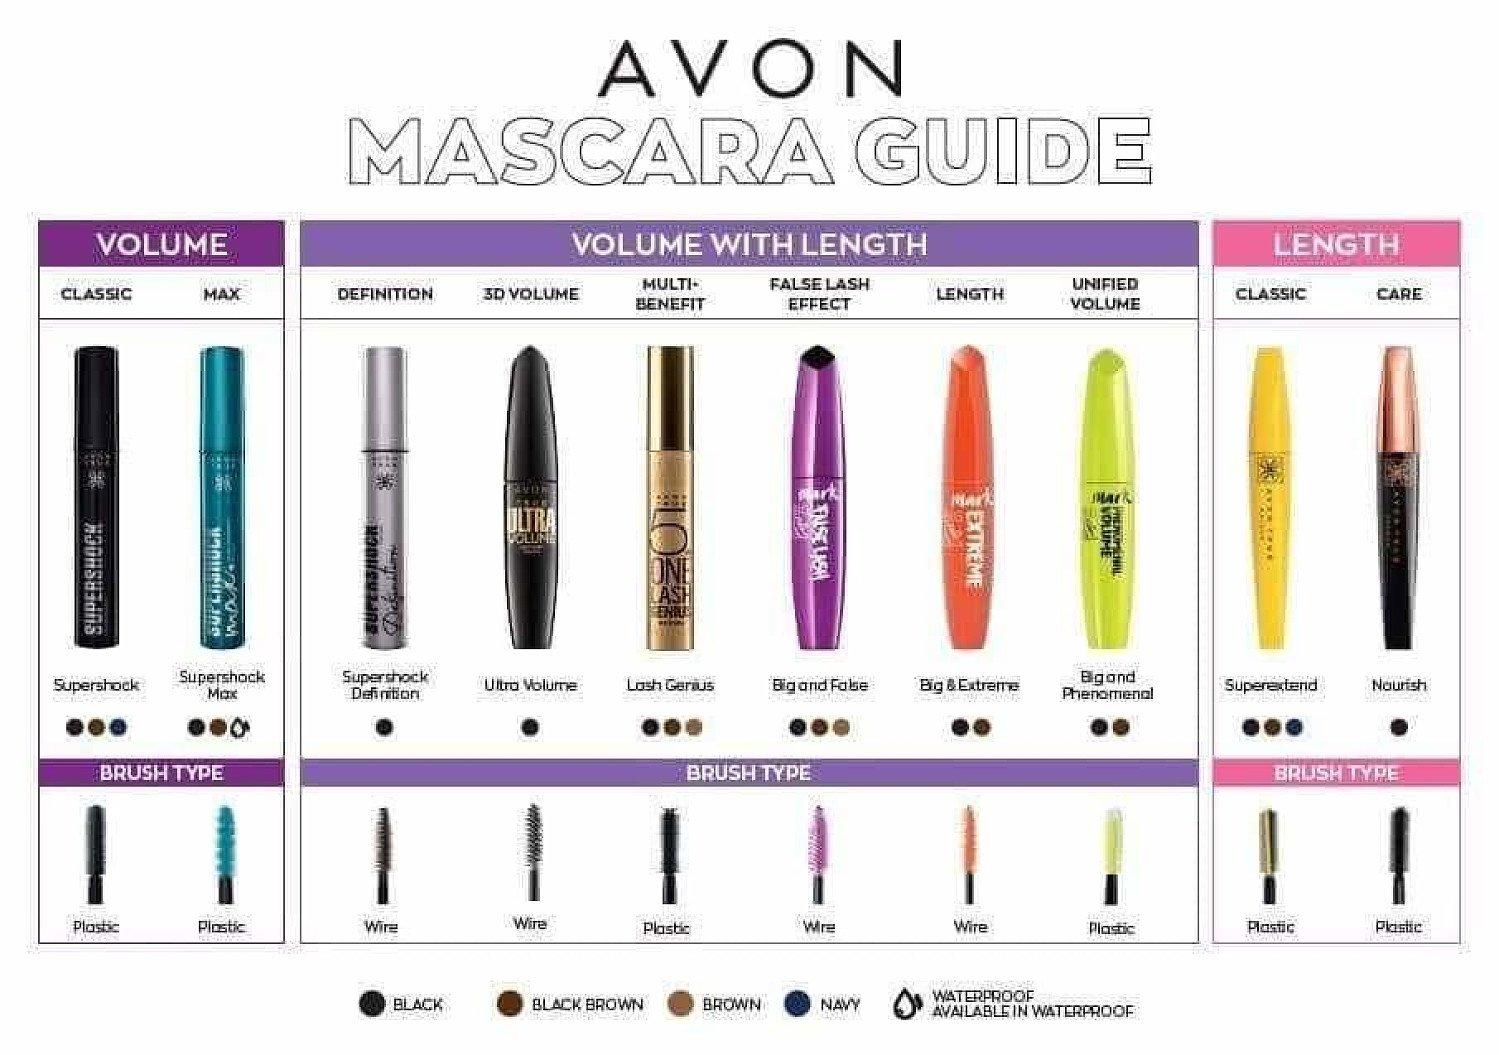 20% Off Avon Mascaras